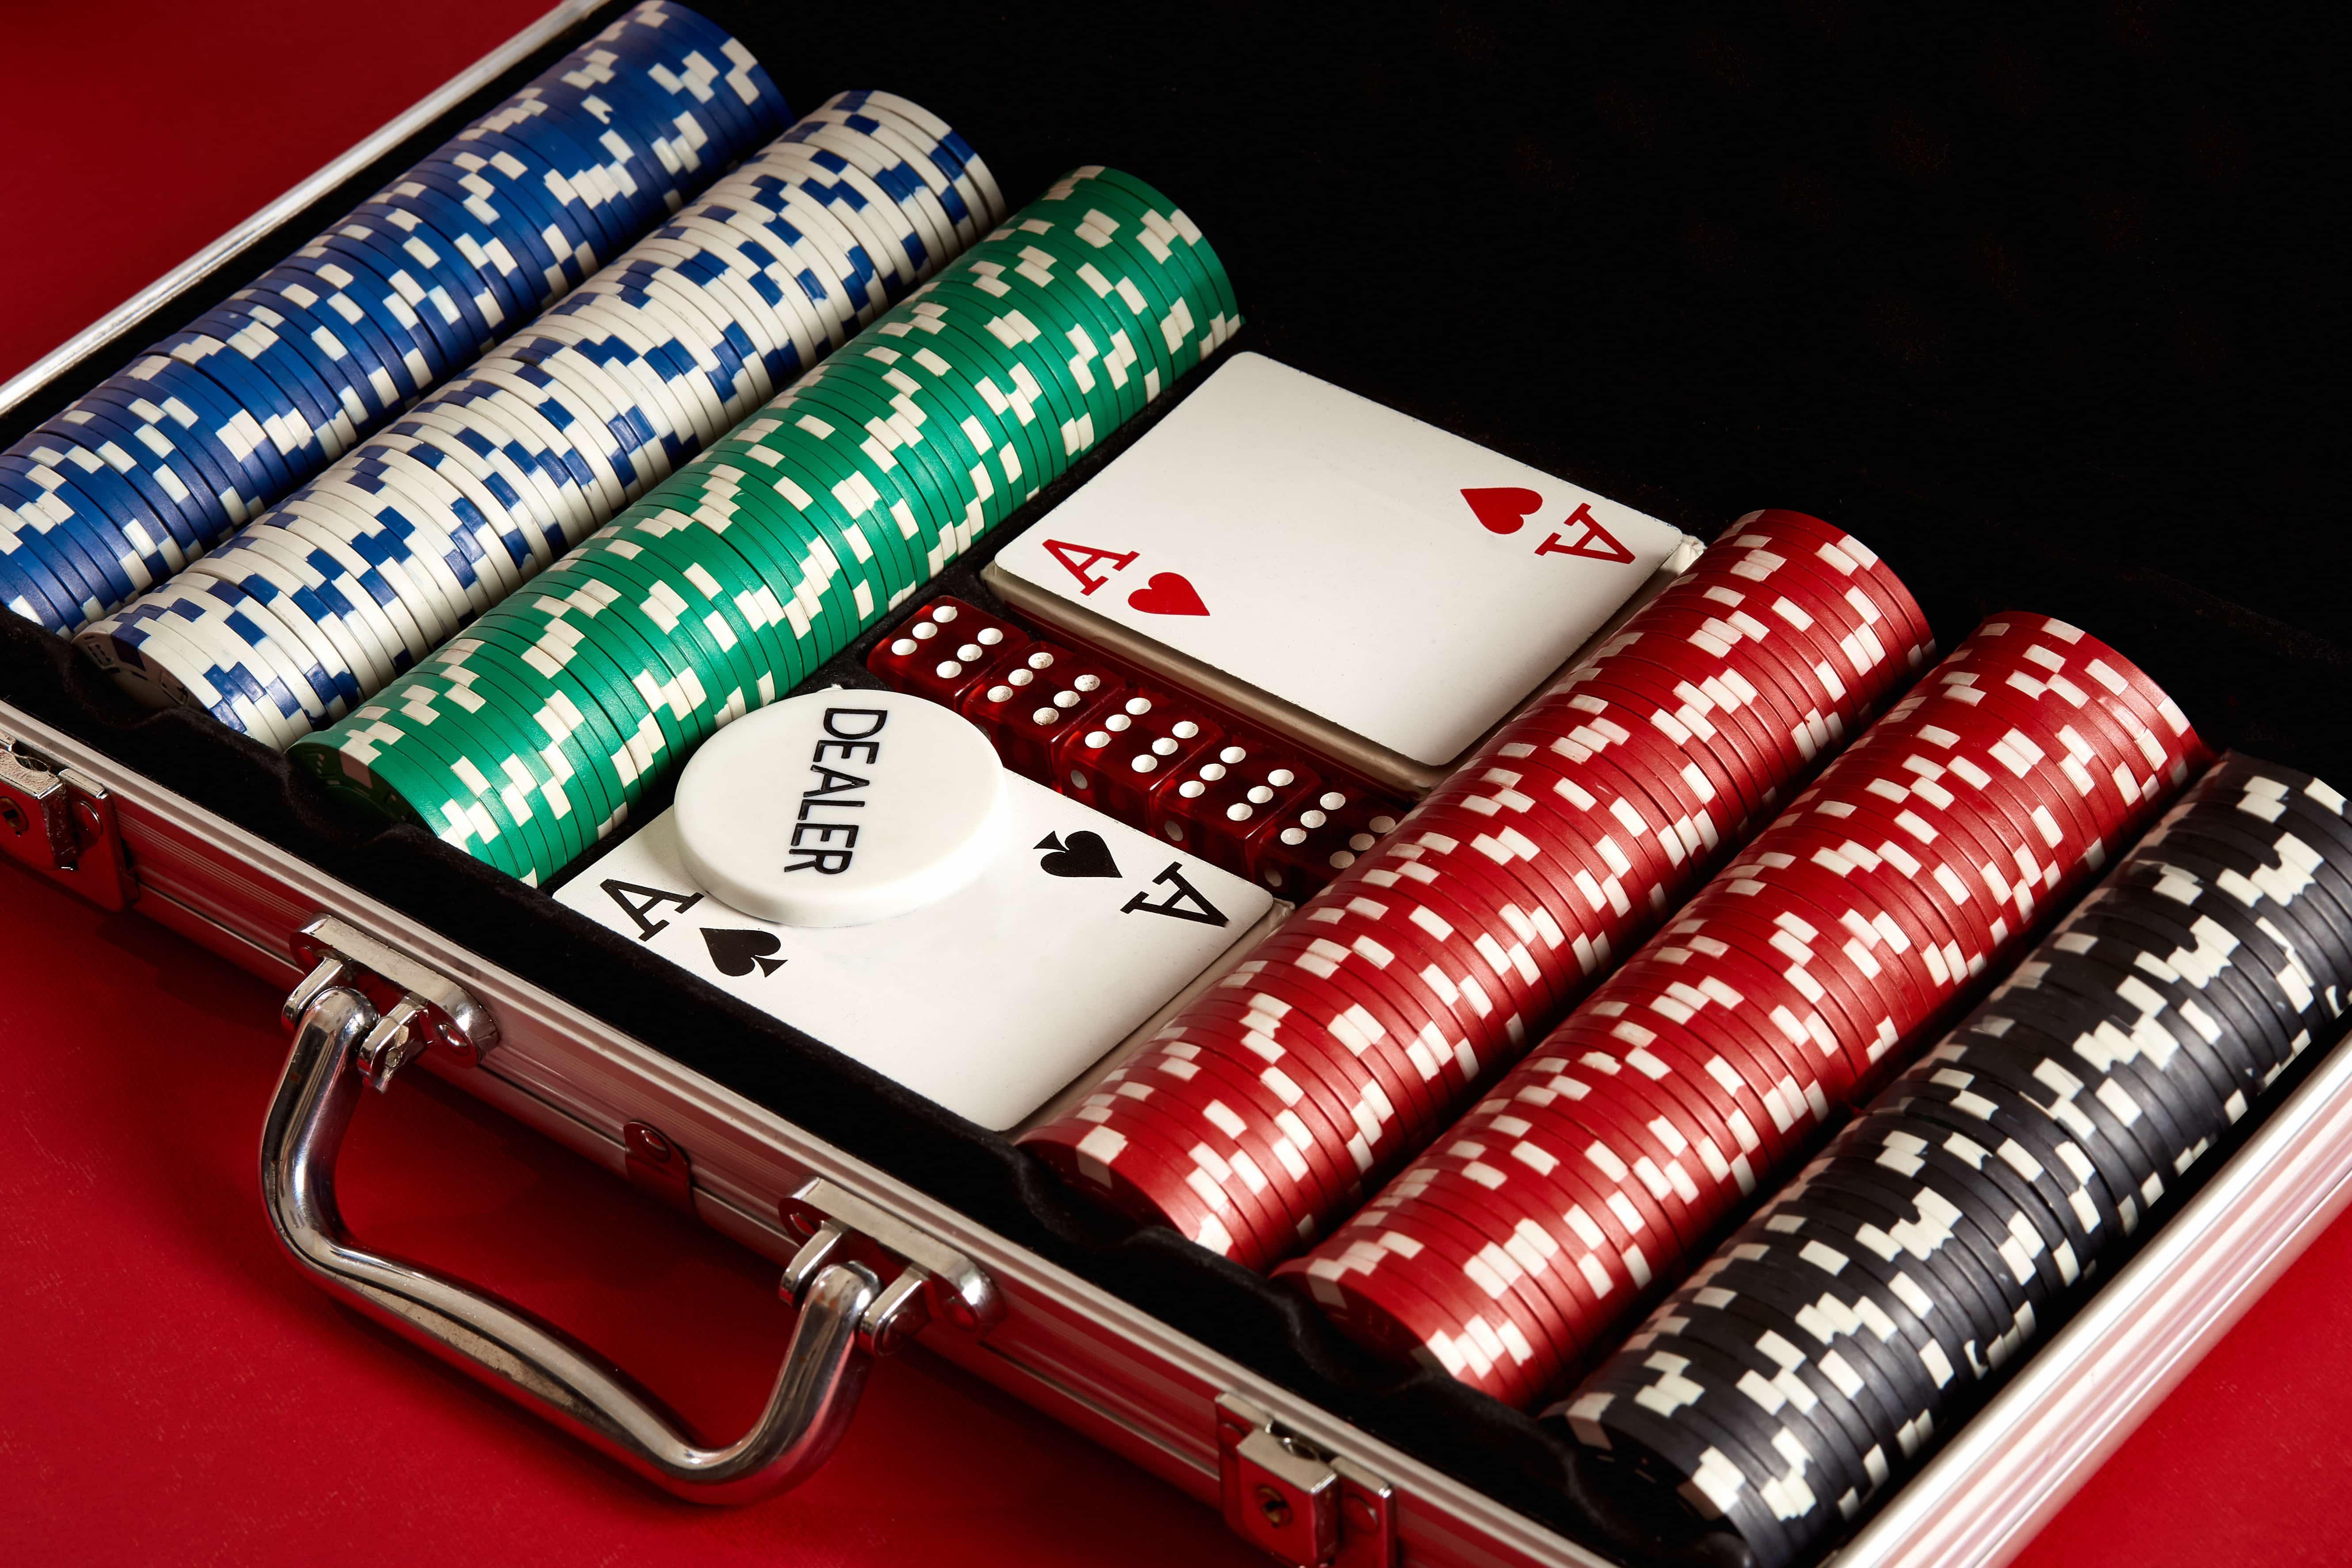 Mit wieviel karten spielt man poker casino games for free no downloads